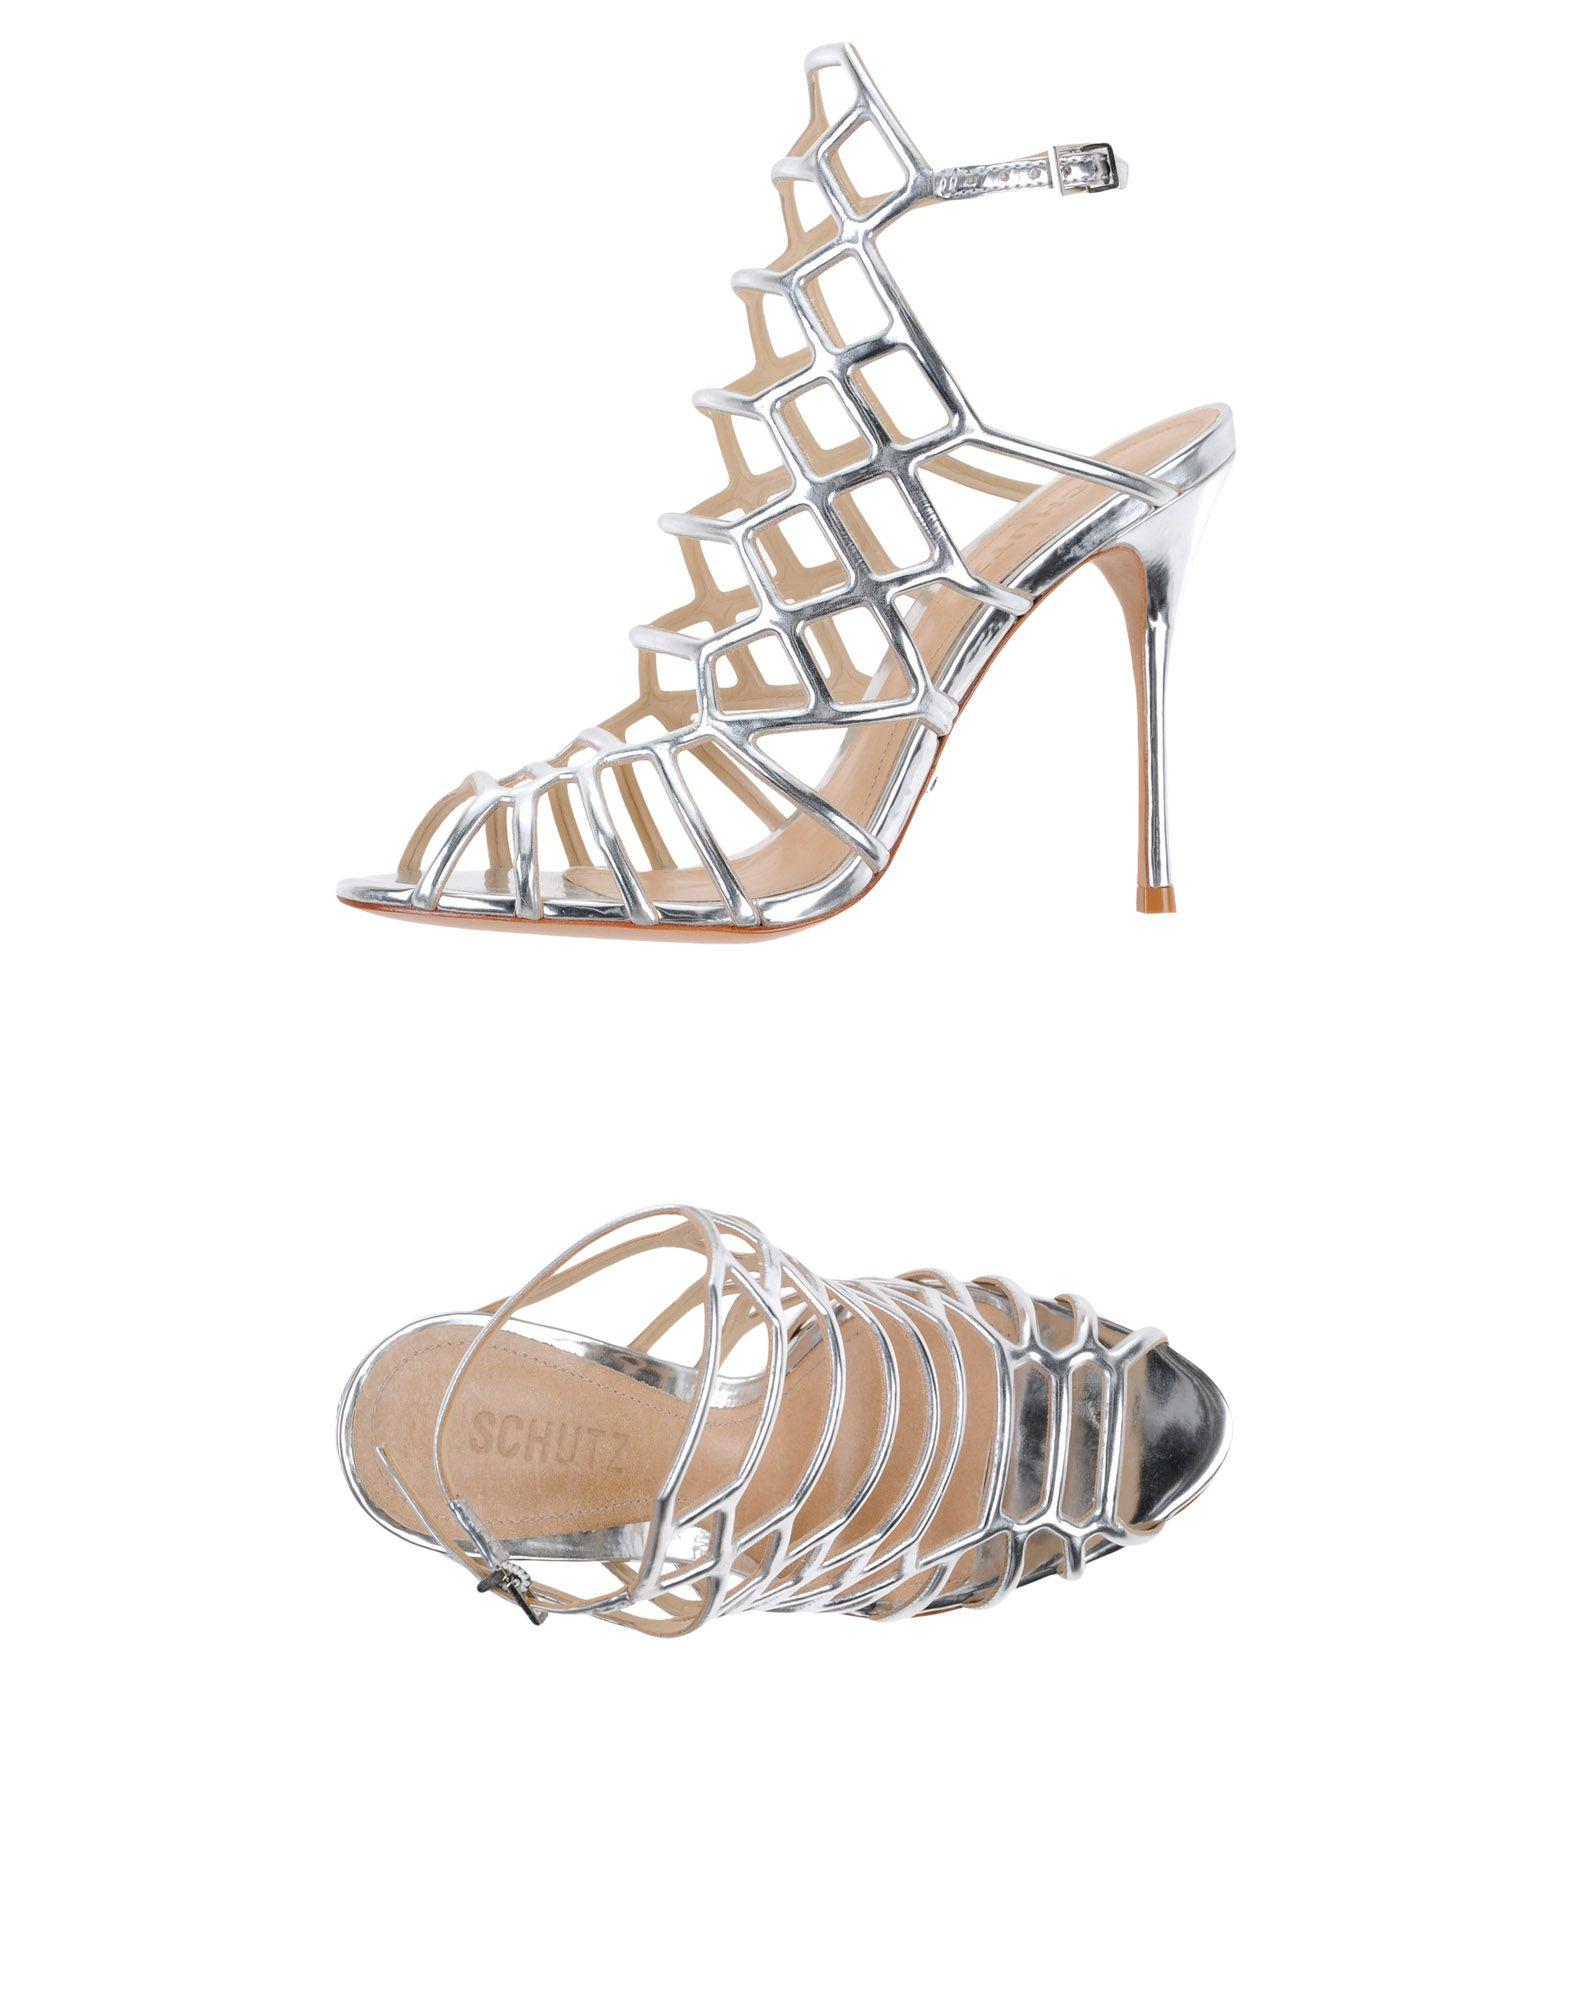 Schutz Sandals - Women  Schutz Sandals online on  Women United Kingdom - 11129299RS 0104c6